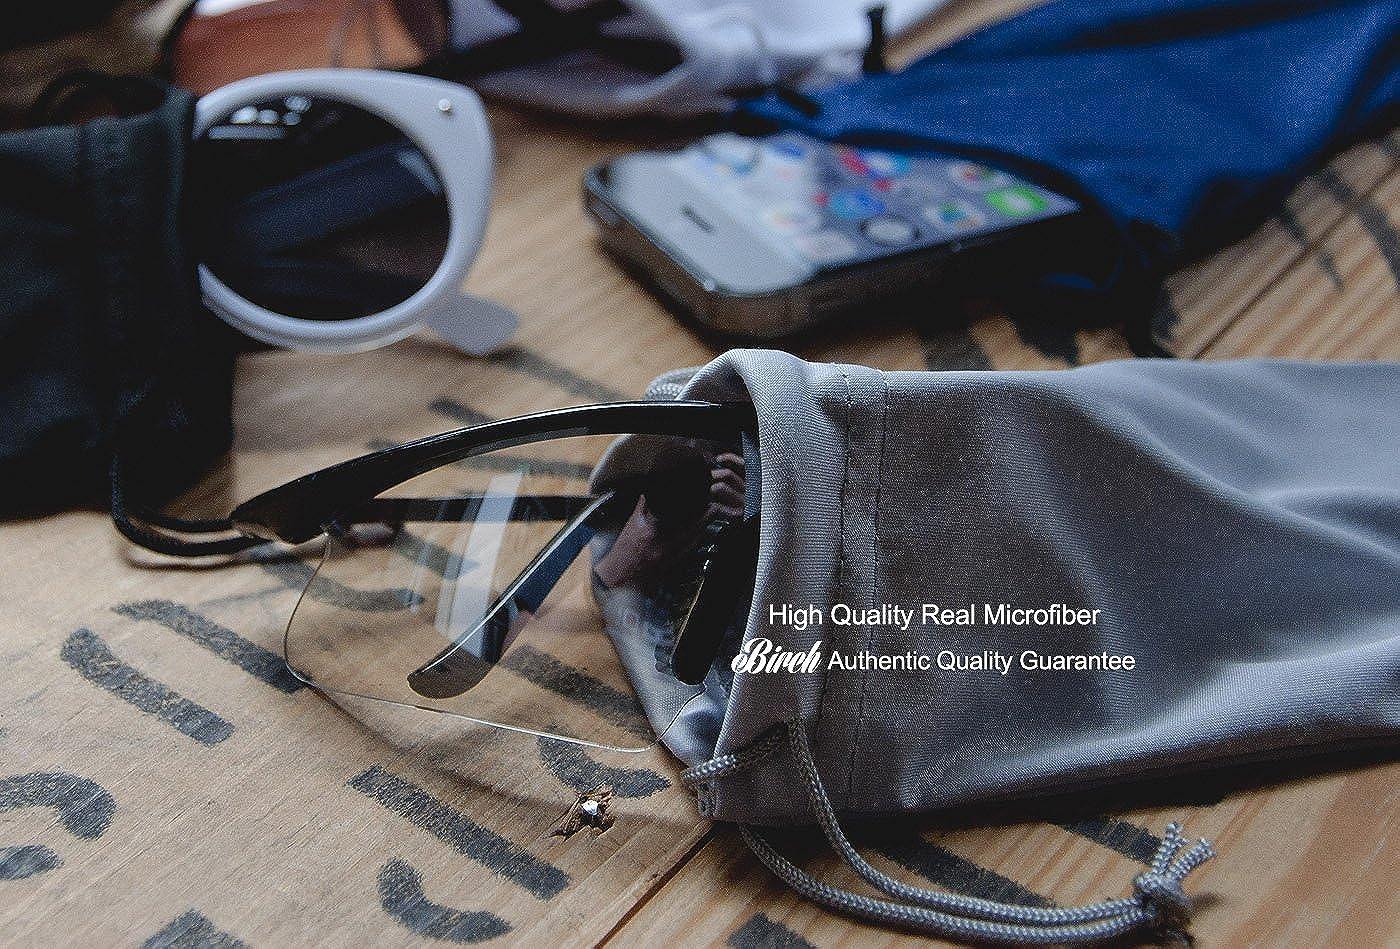 Amazon.com: 4 gafas de sol de microfibra de alta calidad con ...